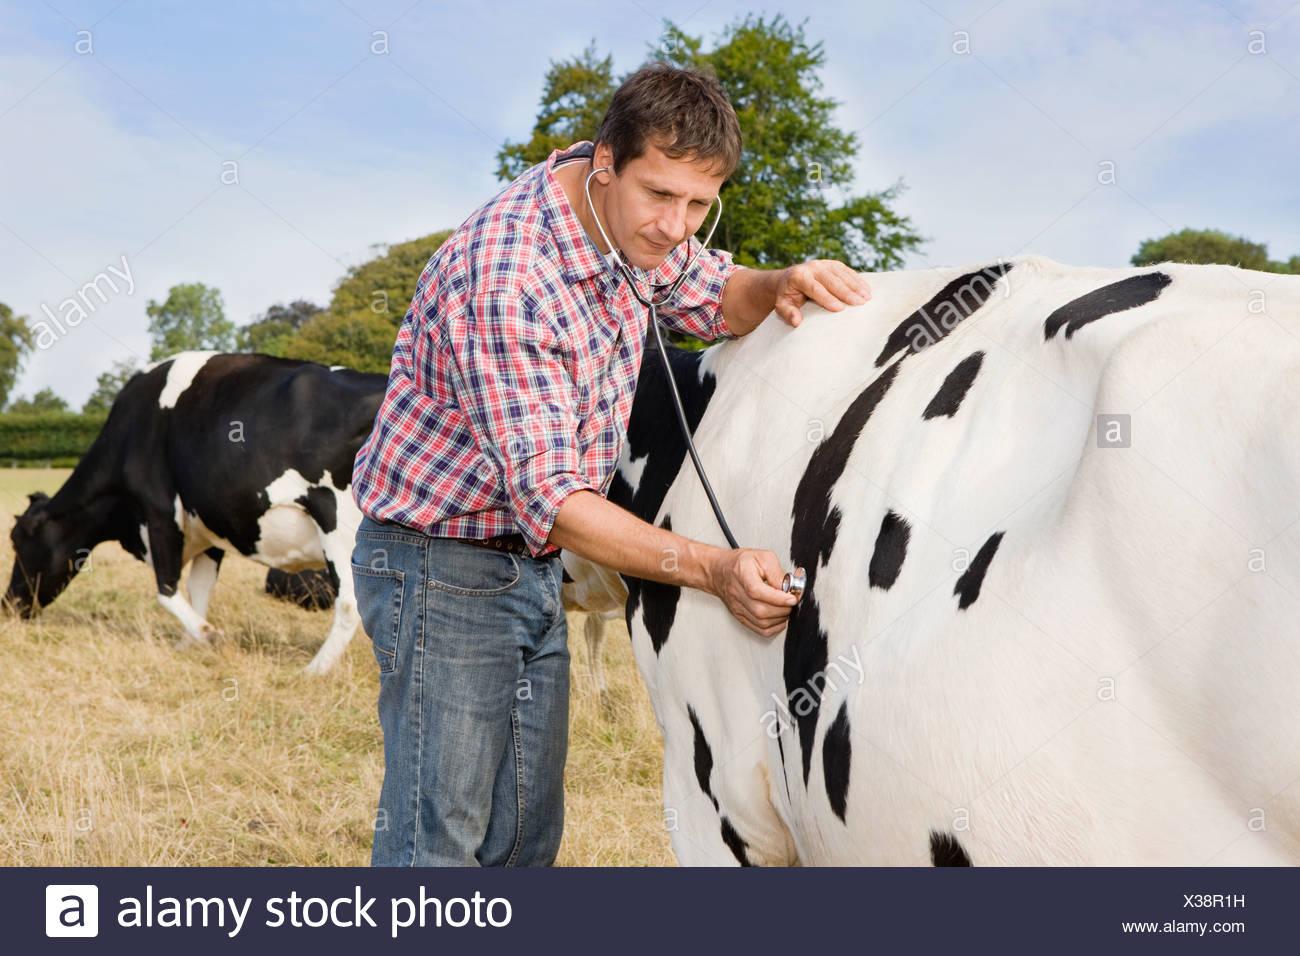 Vet Examining Fresian Cattle In Field - Stock Image